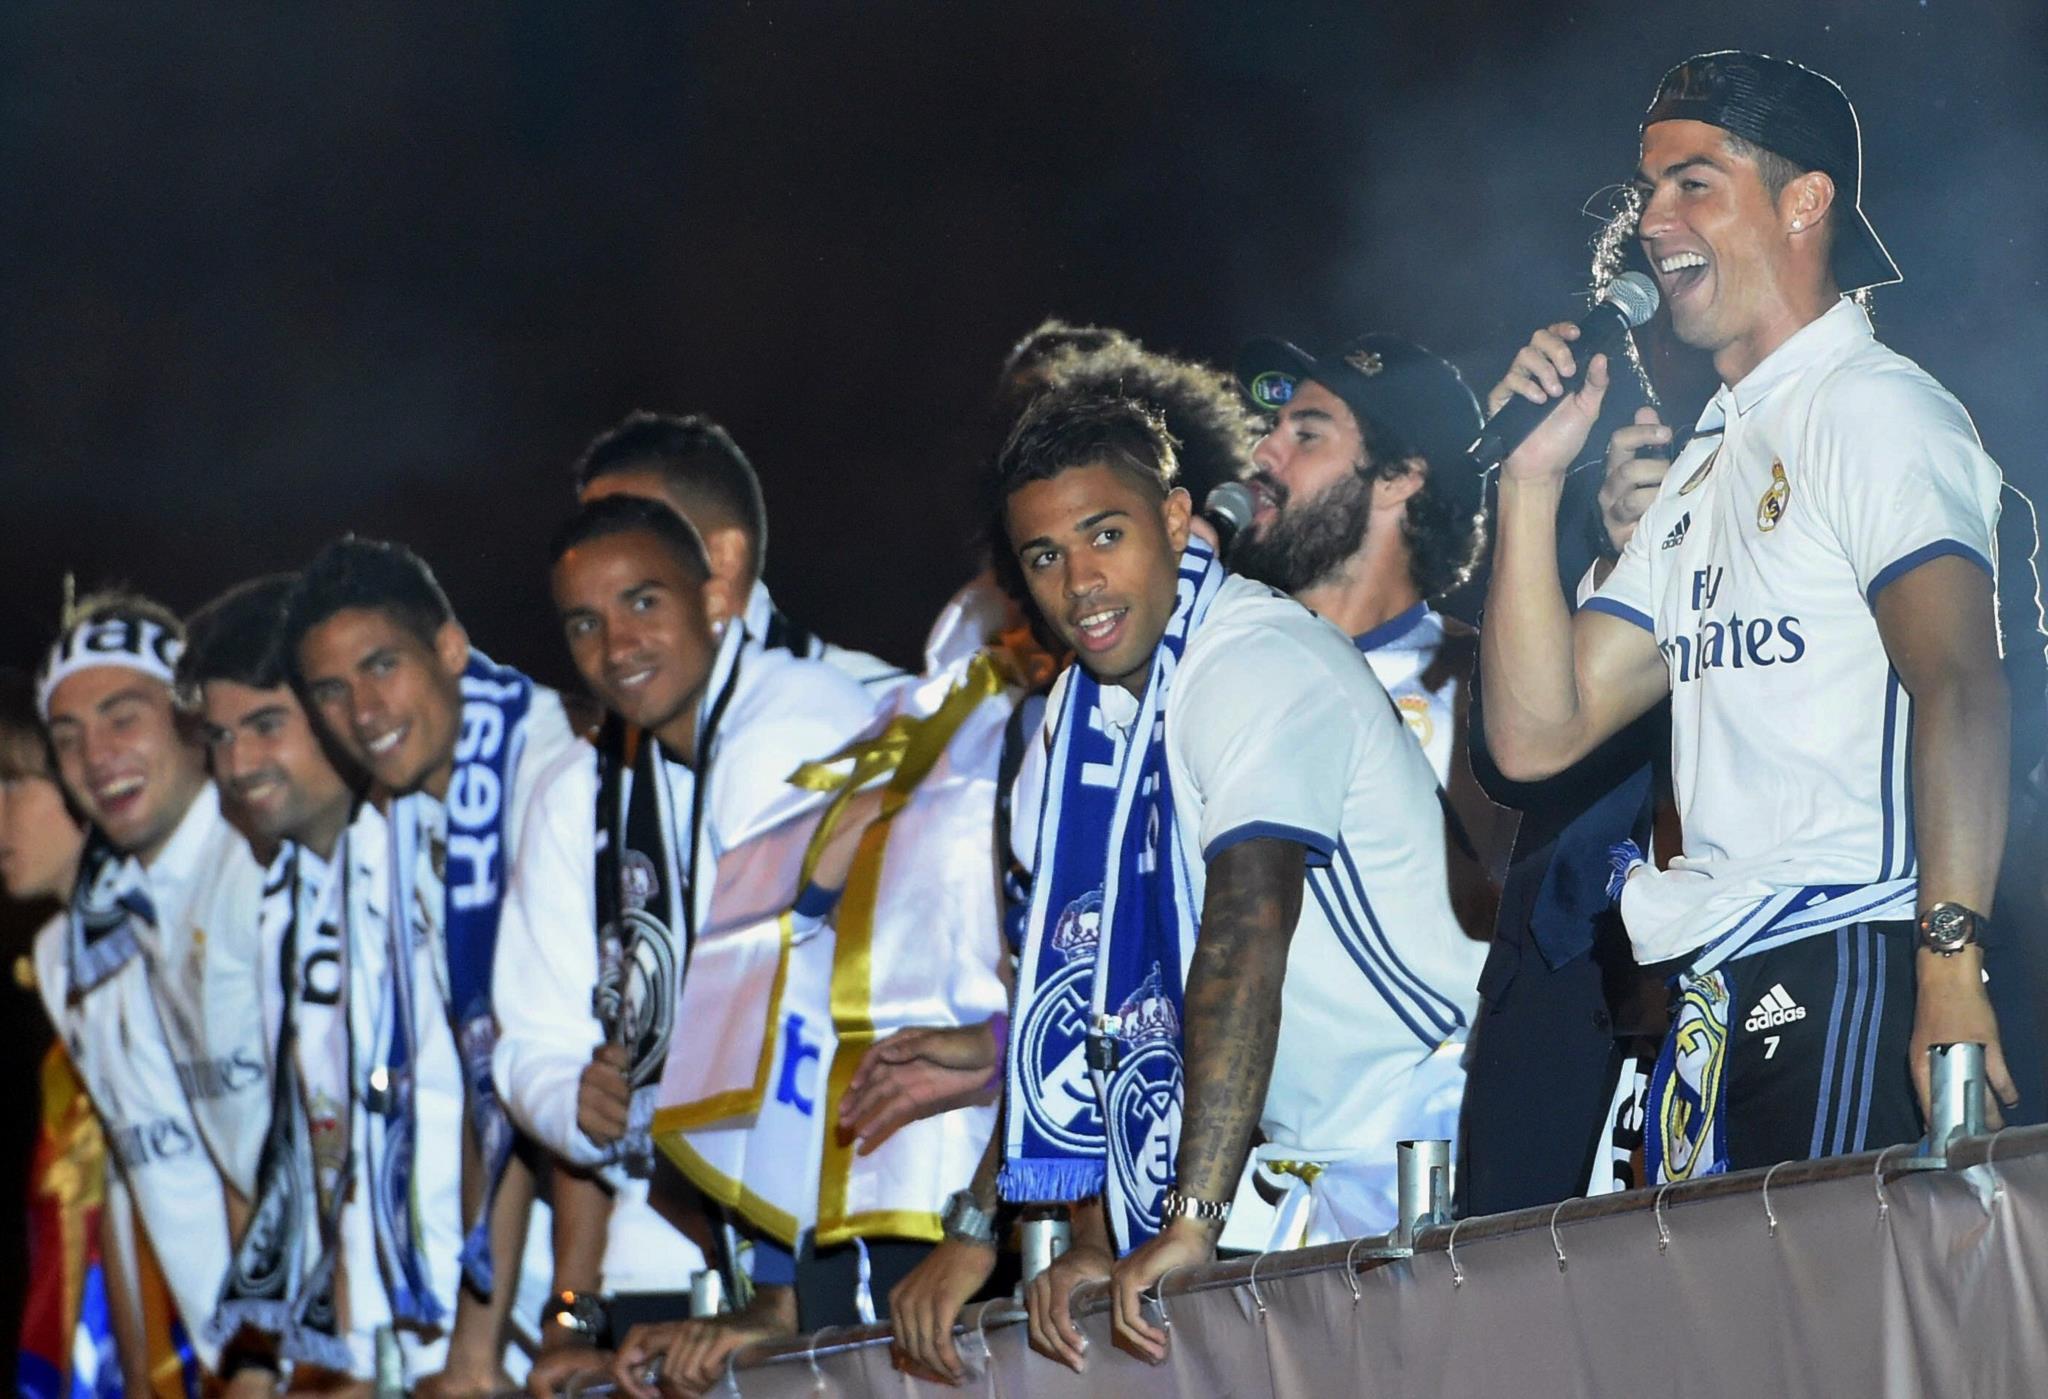 """PÚBLICO - Real Madrid desafia de megafone o grande rival do Twitter: """"Piqué, felicita o campeão!"""""""